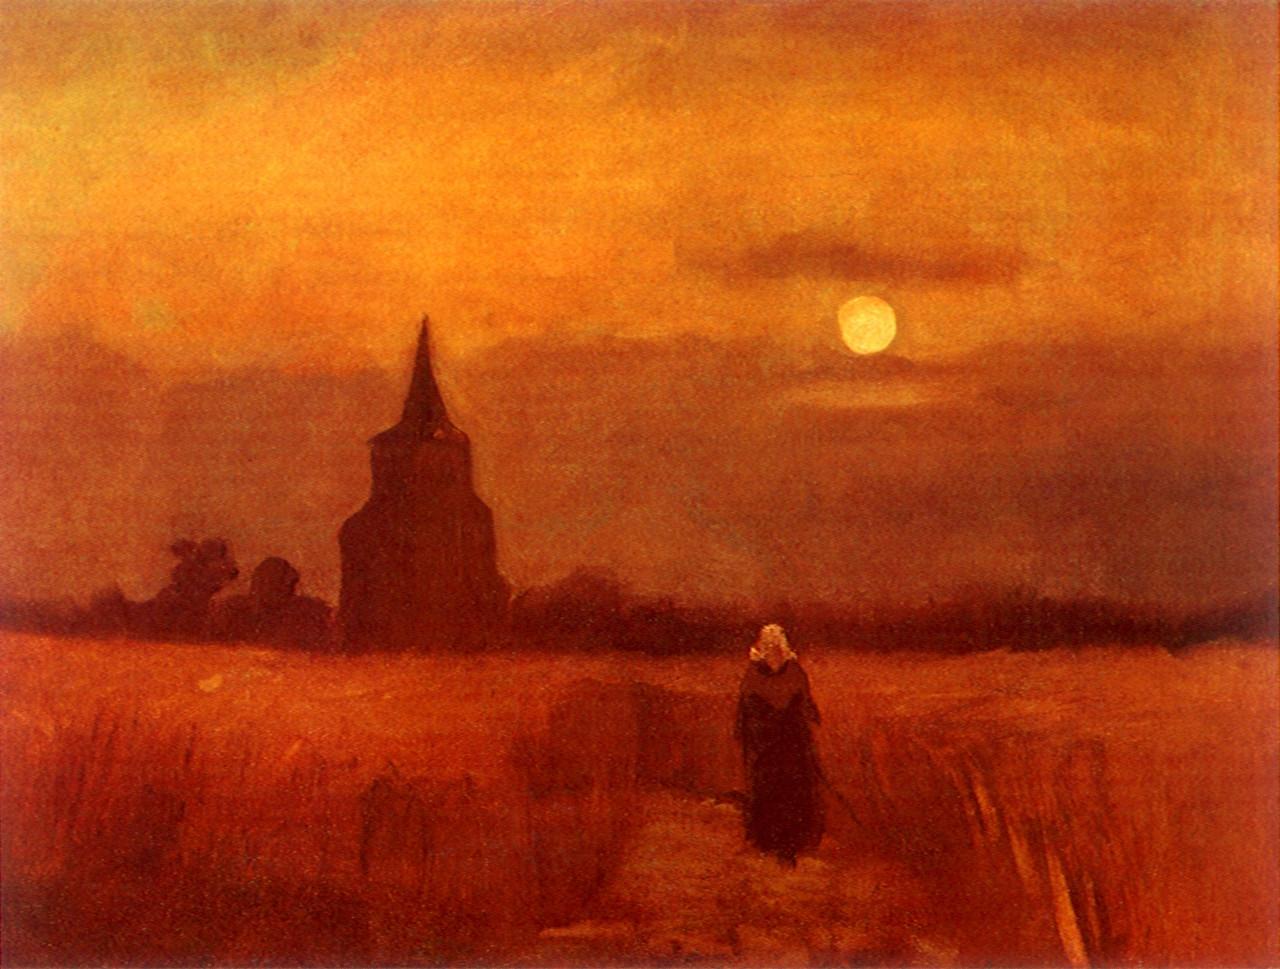 Monochrome Landscape Paintings